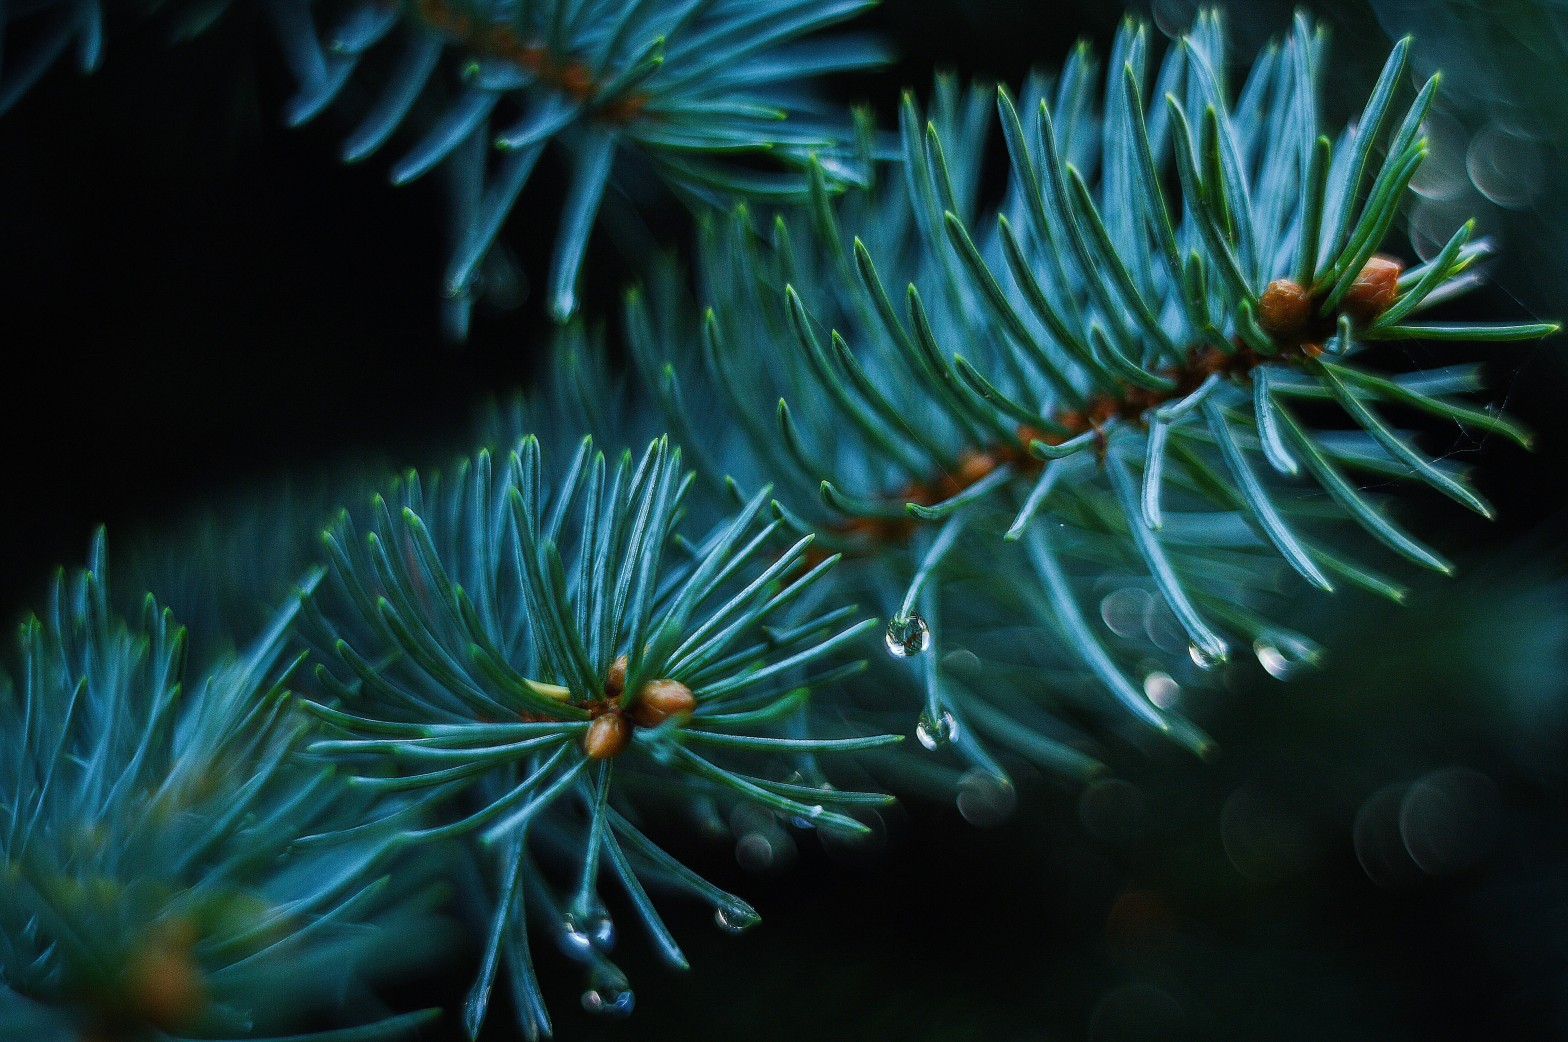 Pine needles with raindrops